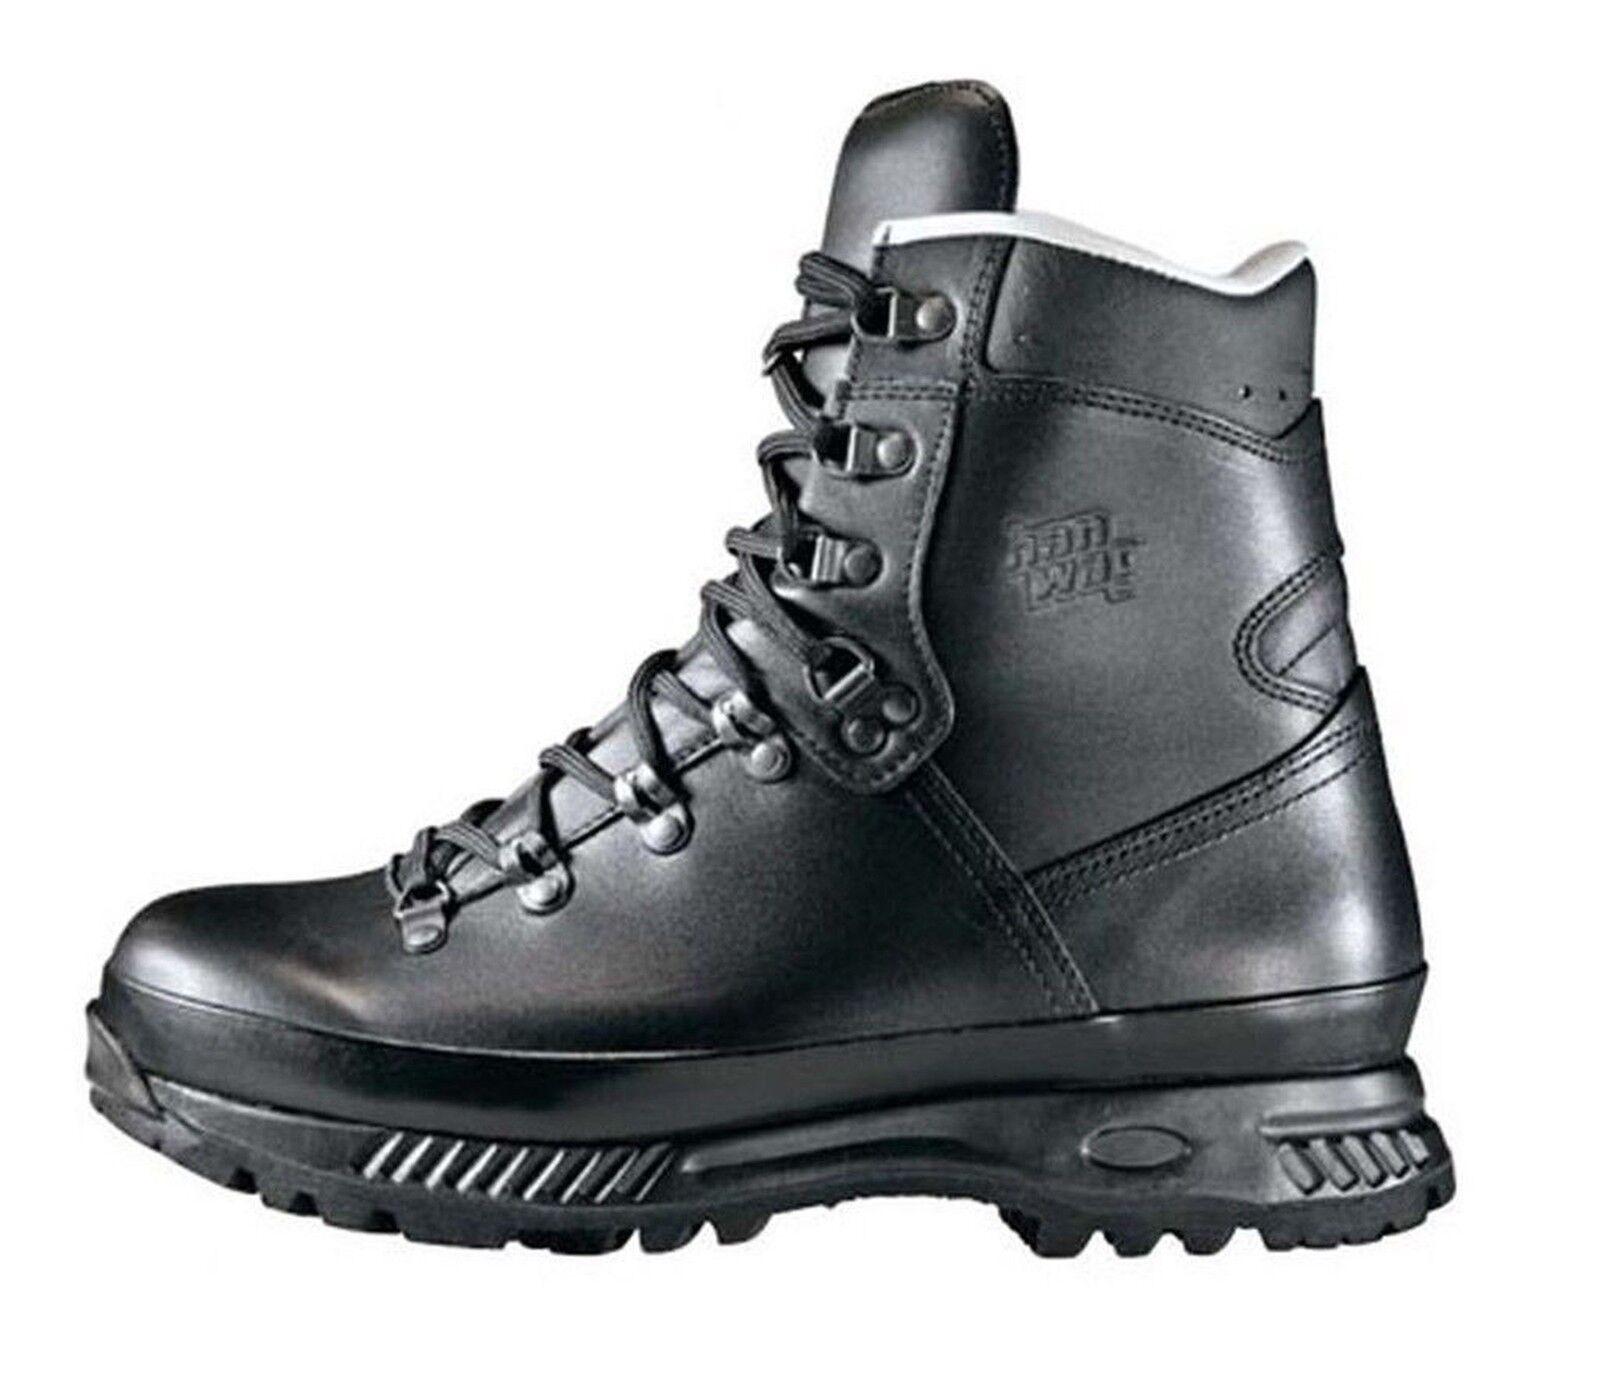 Militär und Sicherheitsdienst Größe HANWAG Special Force LX Größe Sicherheitsdienst 10 - 44,5 Negro 58d494